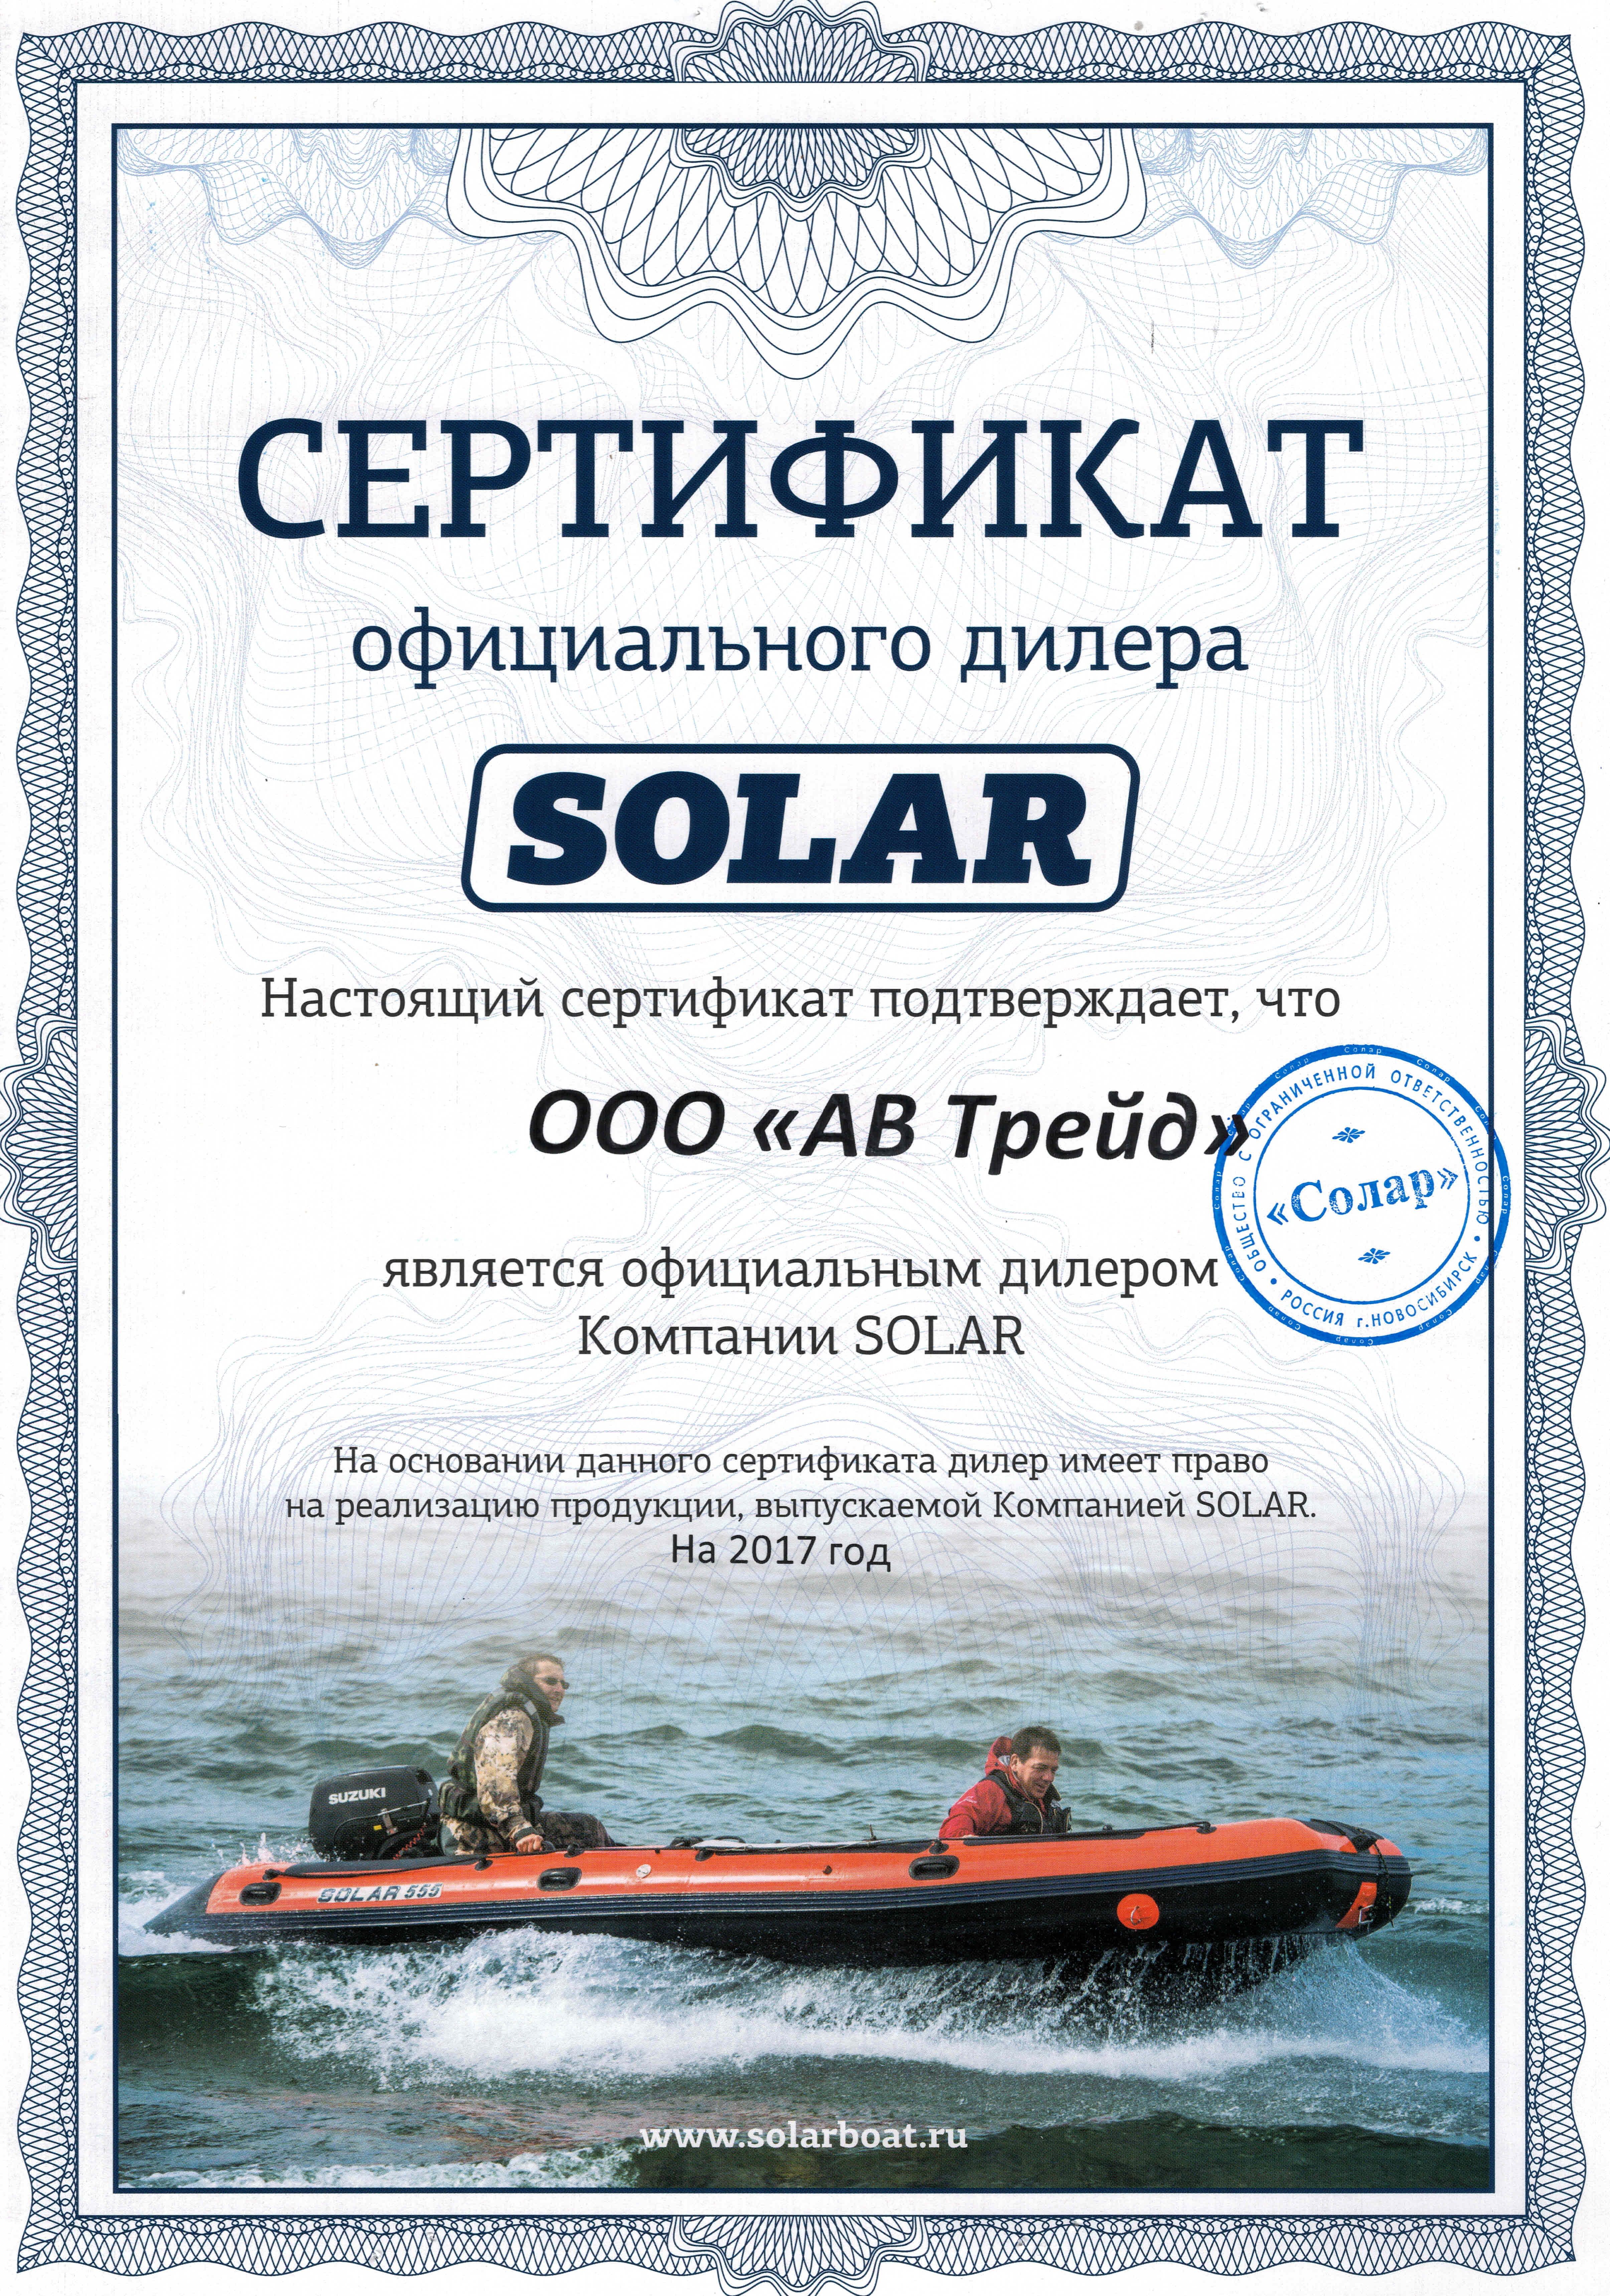 Официальный дилер SOLAR по продаже ПВХ-лодок